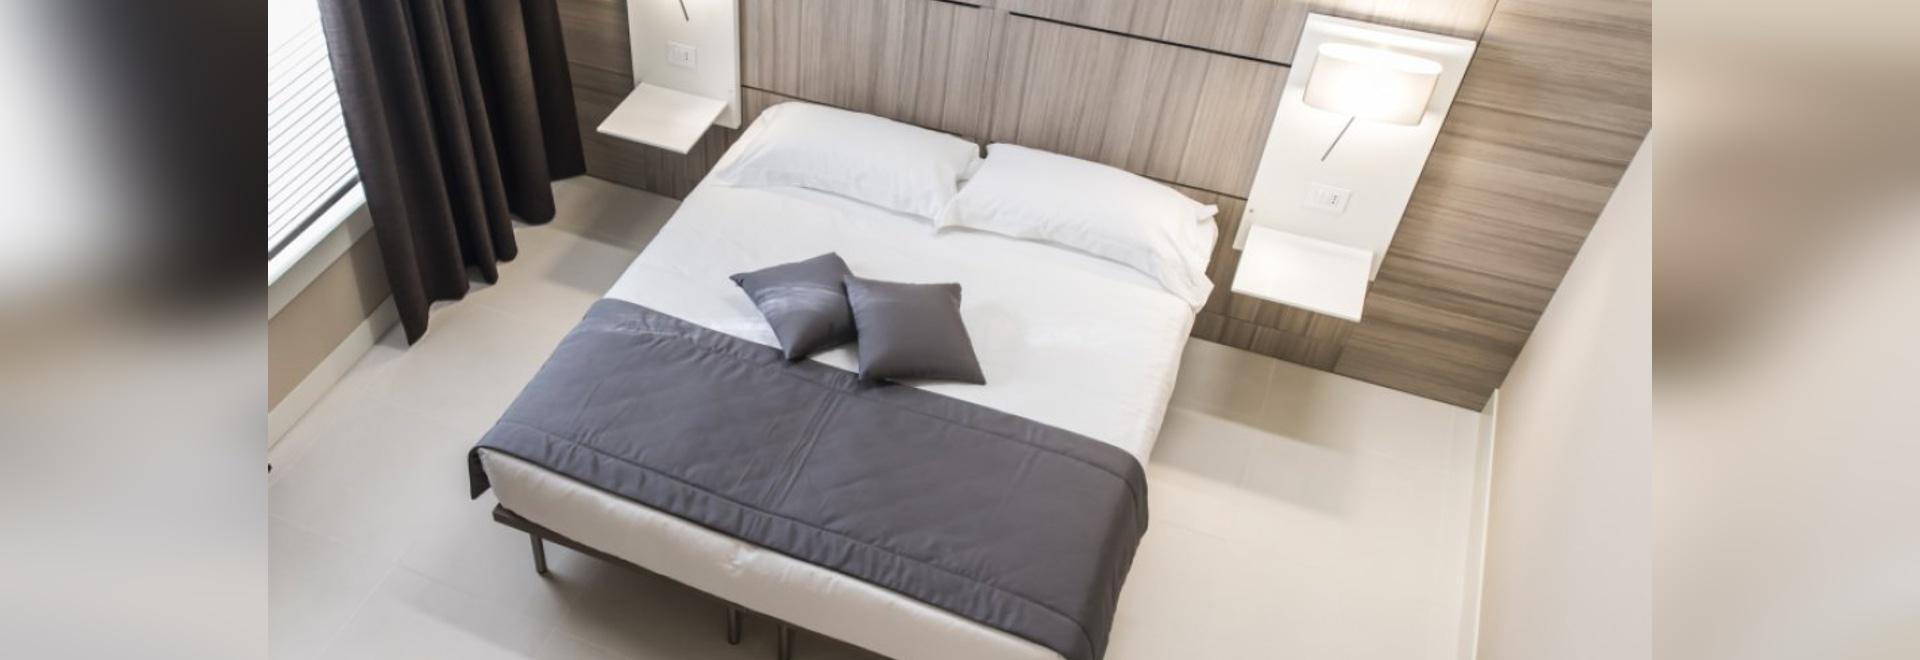 PIÈCE VOLANTE - projet de chambre d'hôtel